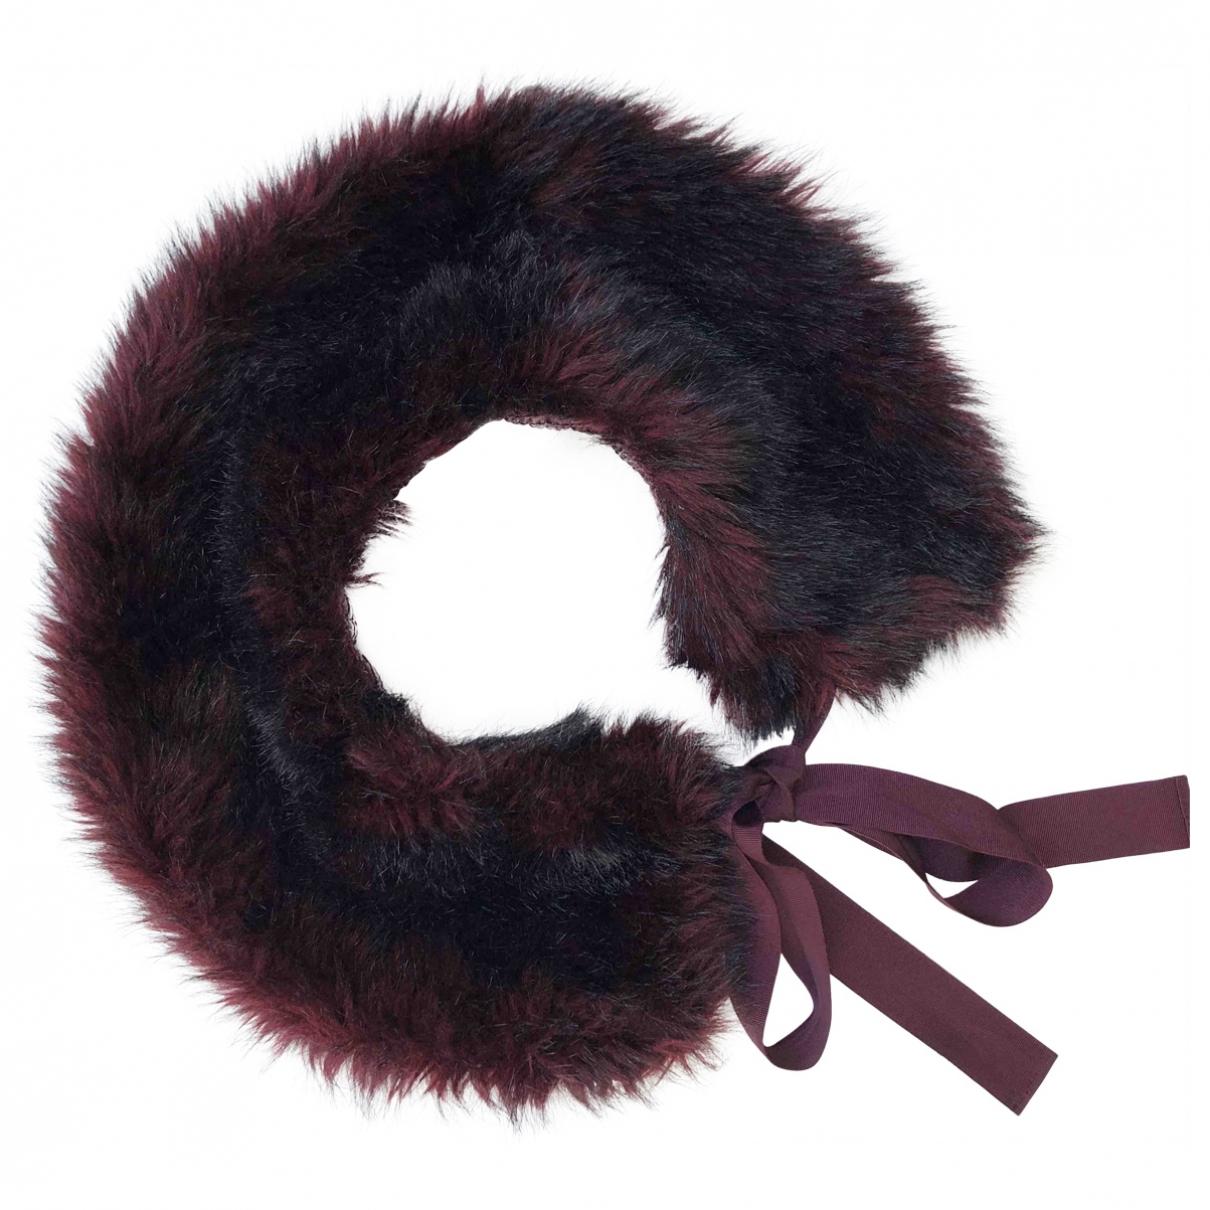 Nina Ricci \N Burgundy scarf for Women \N